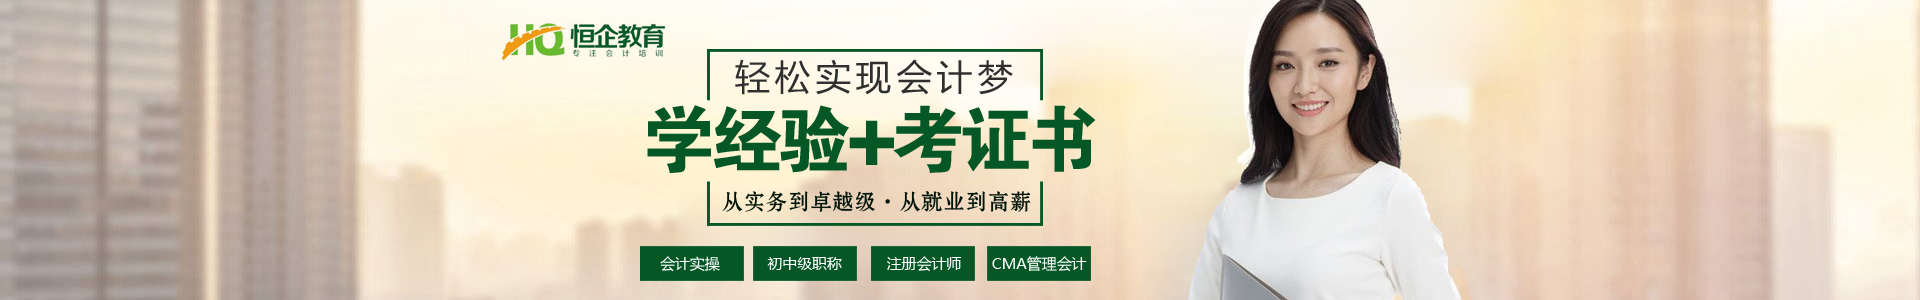 义乌恒企会计万博网页版登录学校 横幅广告